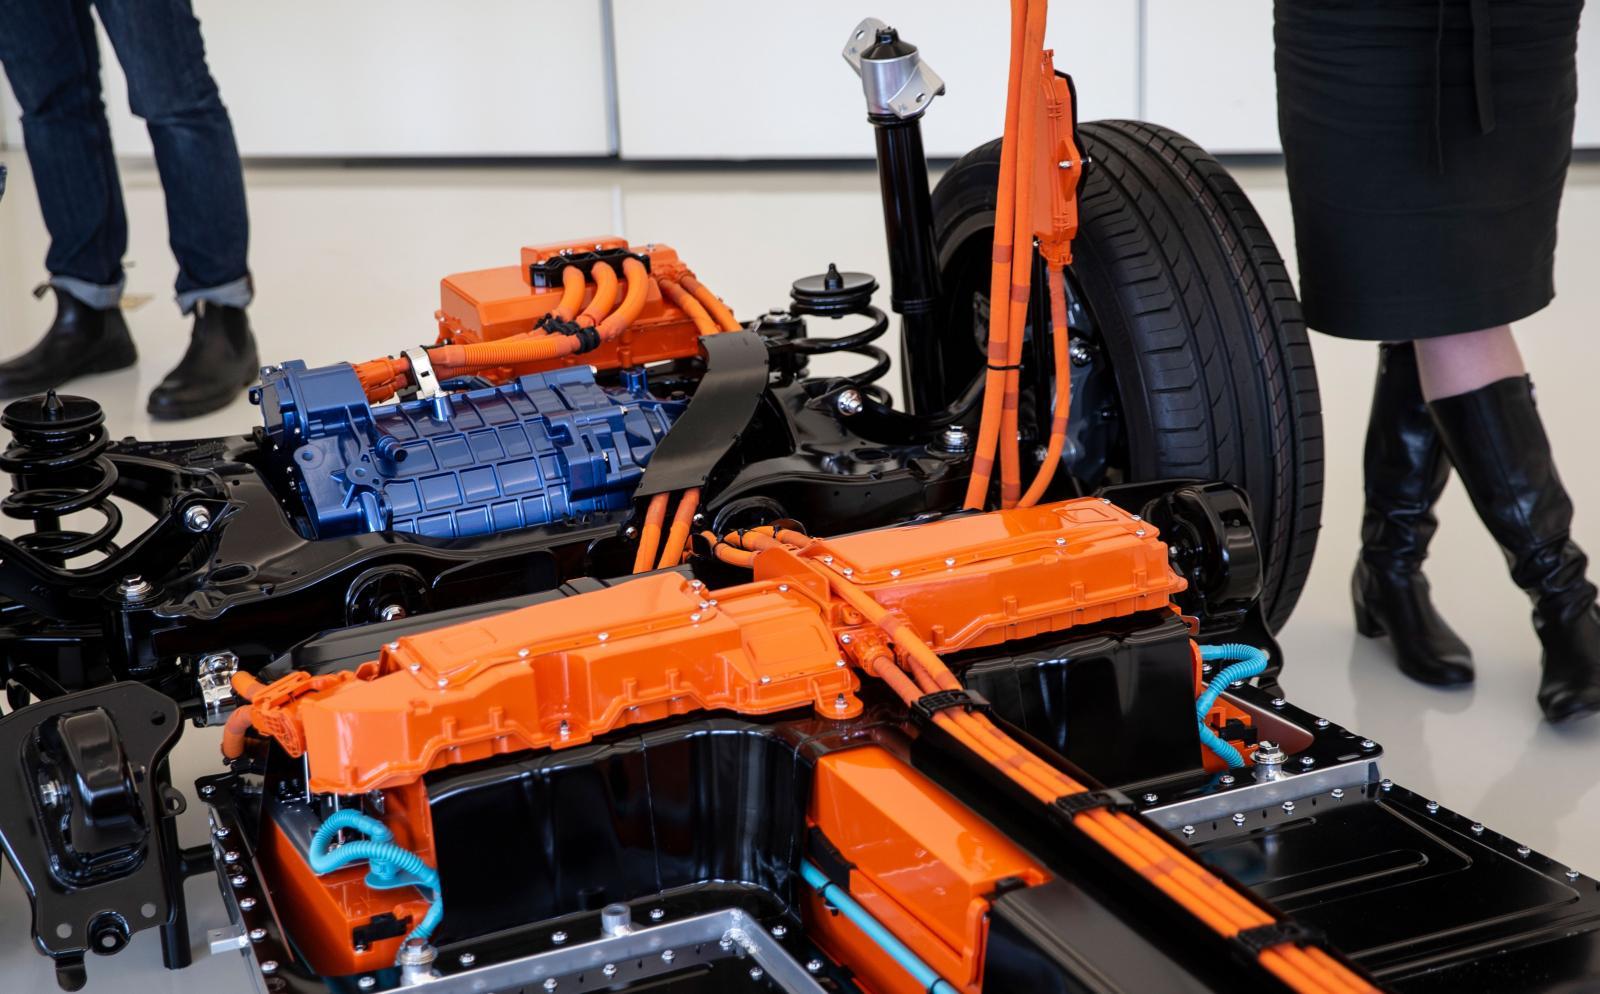 XC40 Recharge batteri har en kapacitet på 78 kWh.